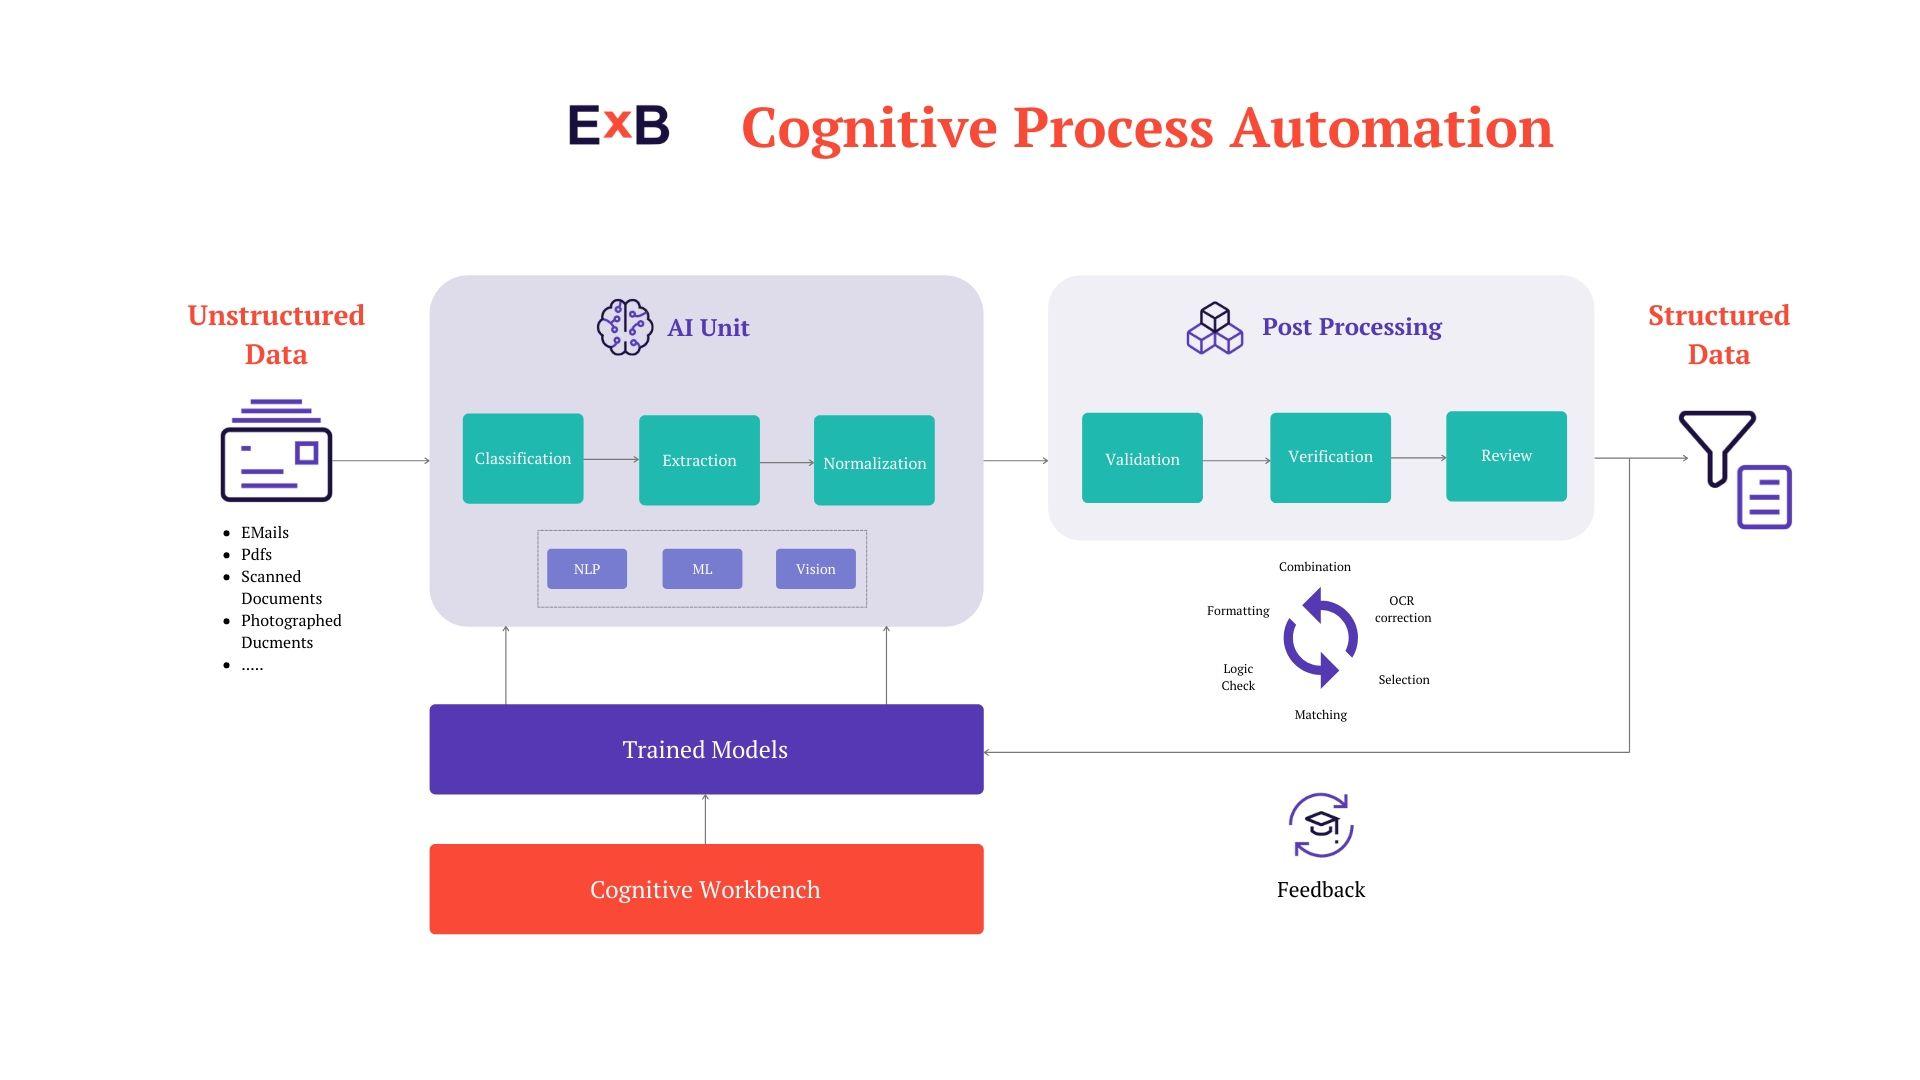 cognitive process automation diagram EN